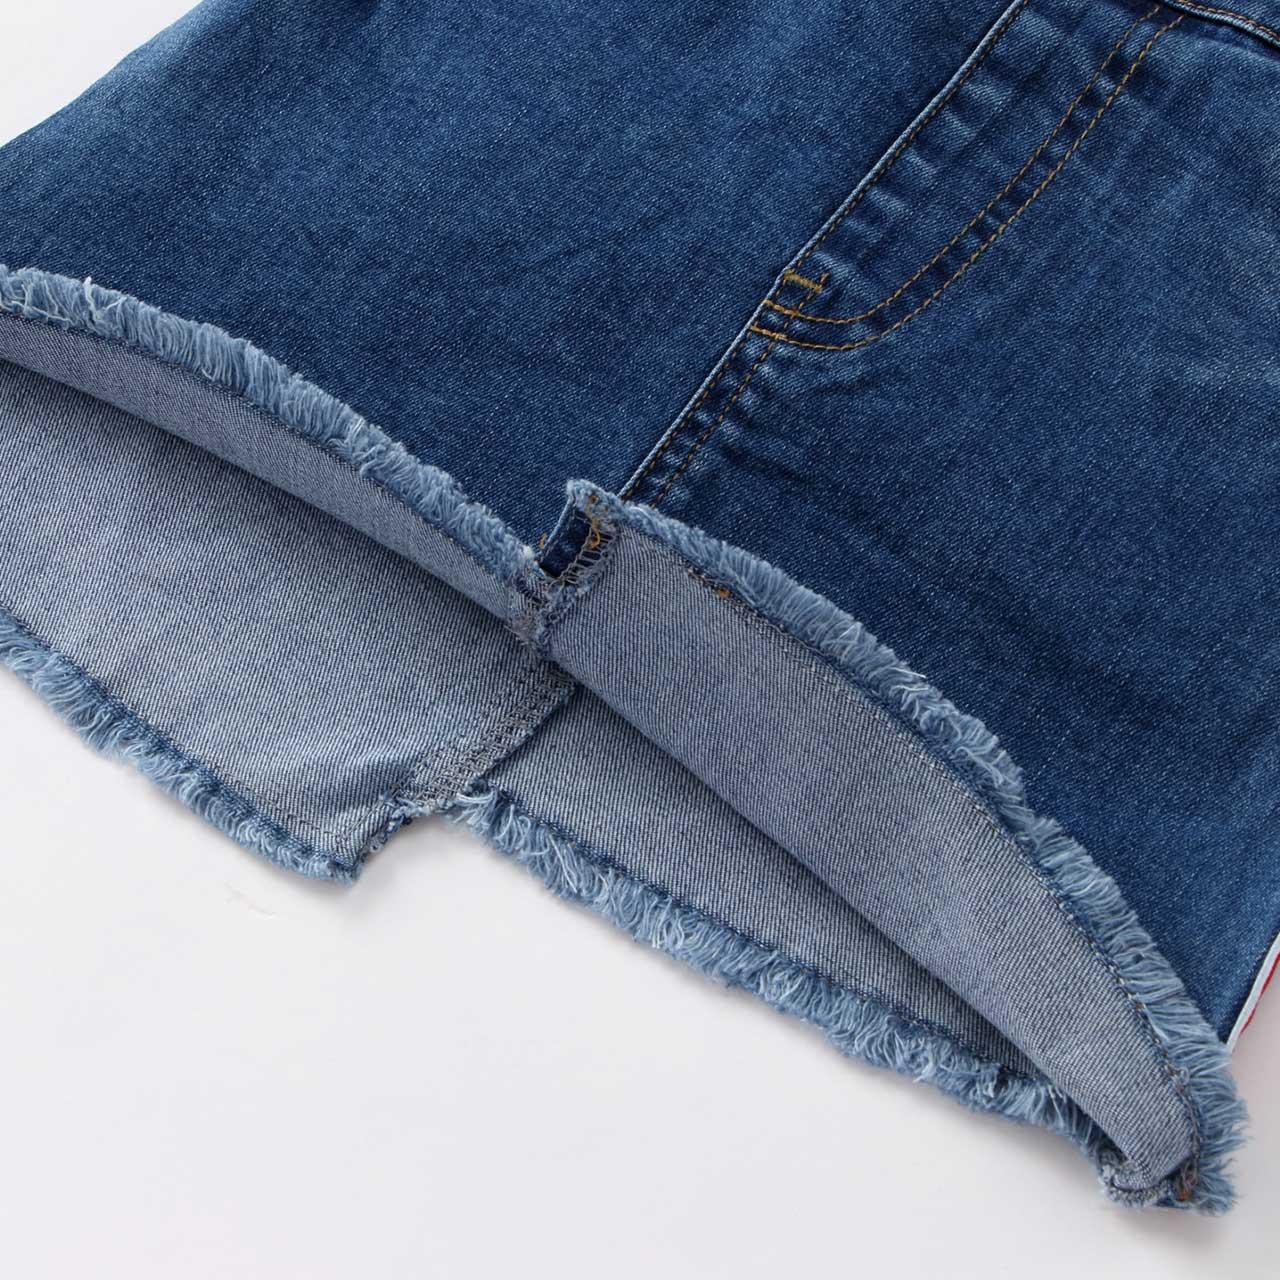 安奈儿童装女童短裙2018夏装新款不对称设计牛仔短裙EG833176